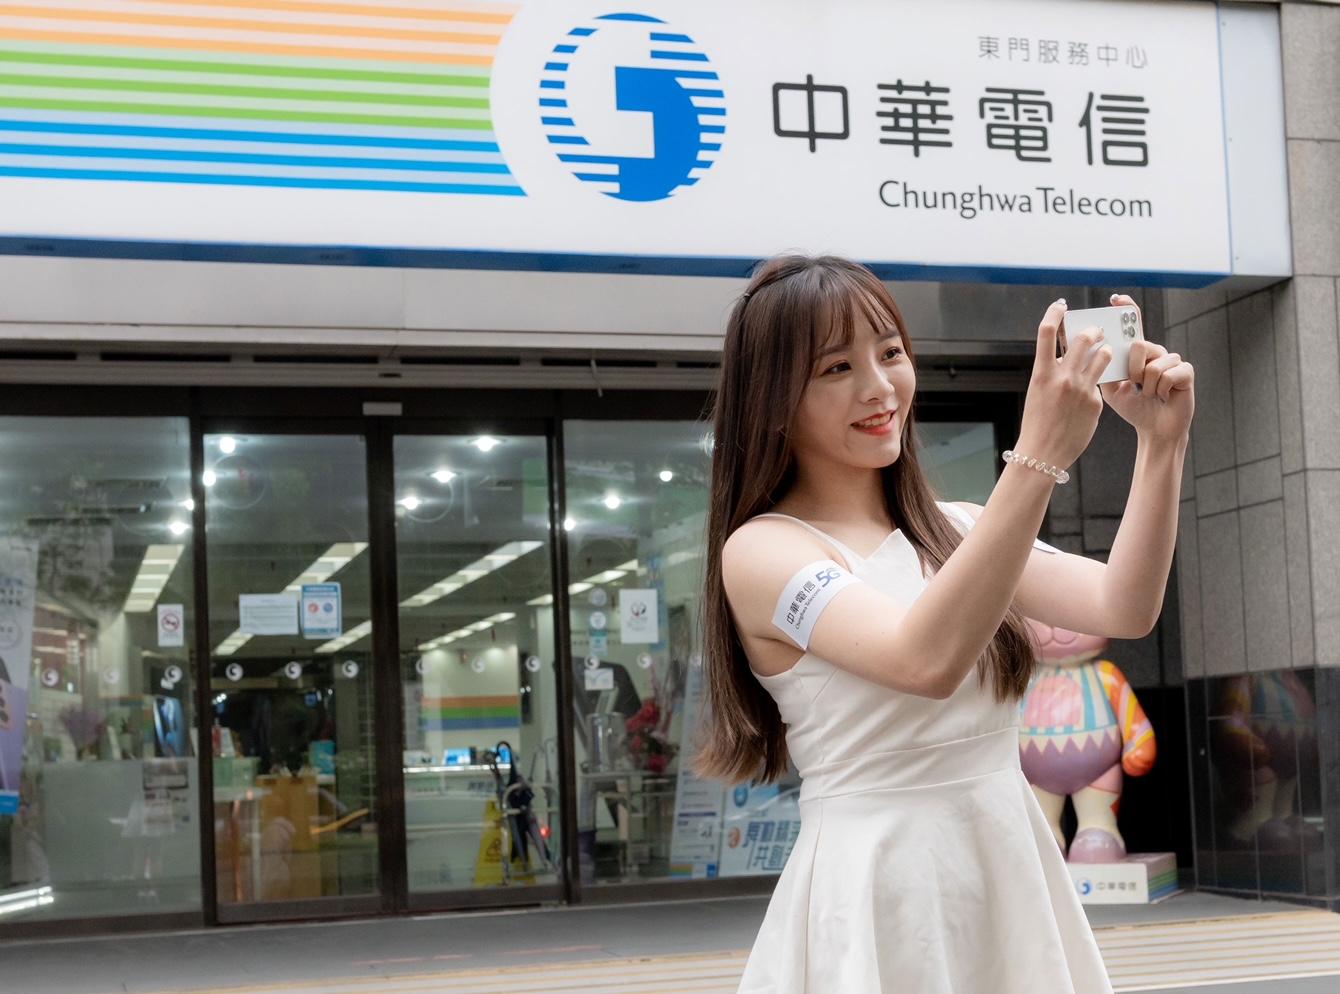 4項體驗皆全台NO.1!中華電信行動網路獲國際2大權威機構認證